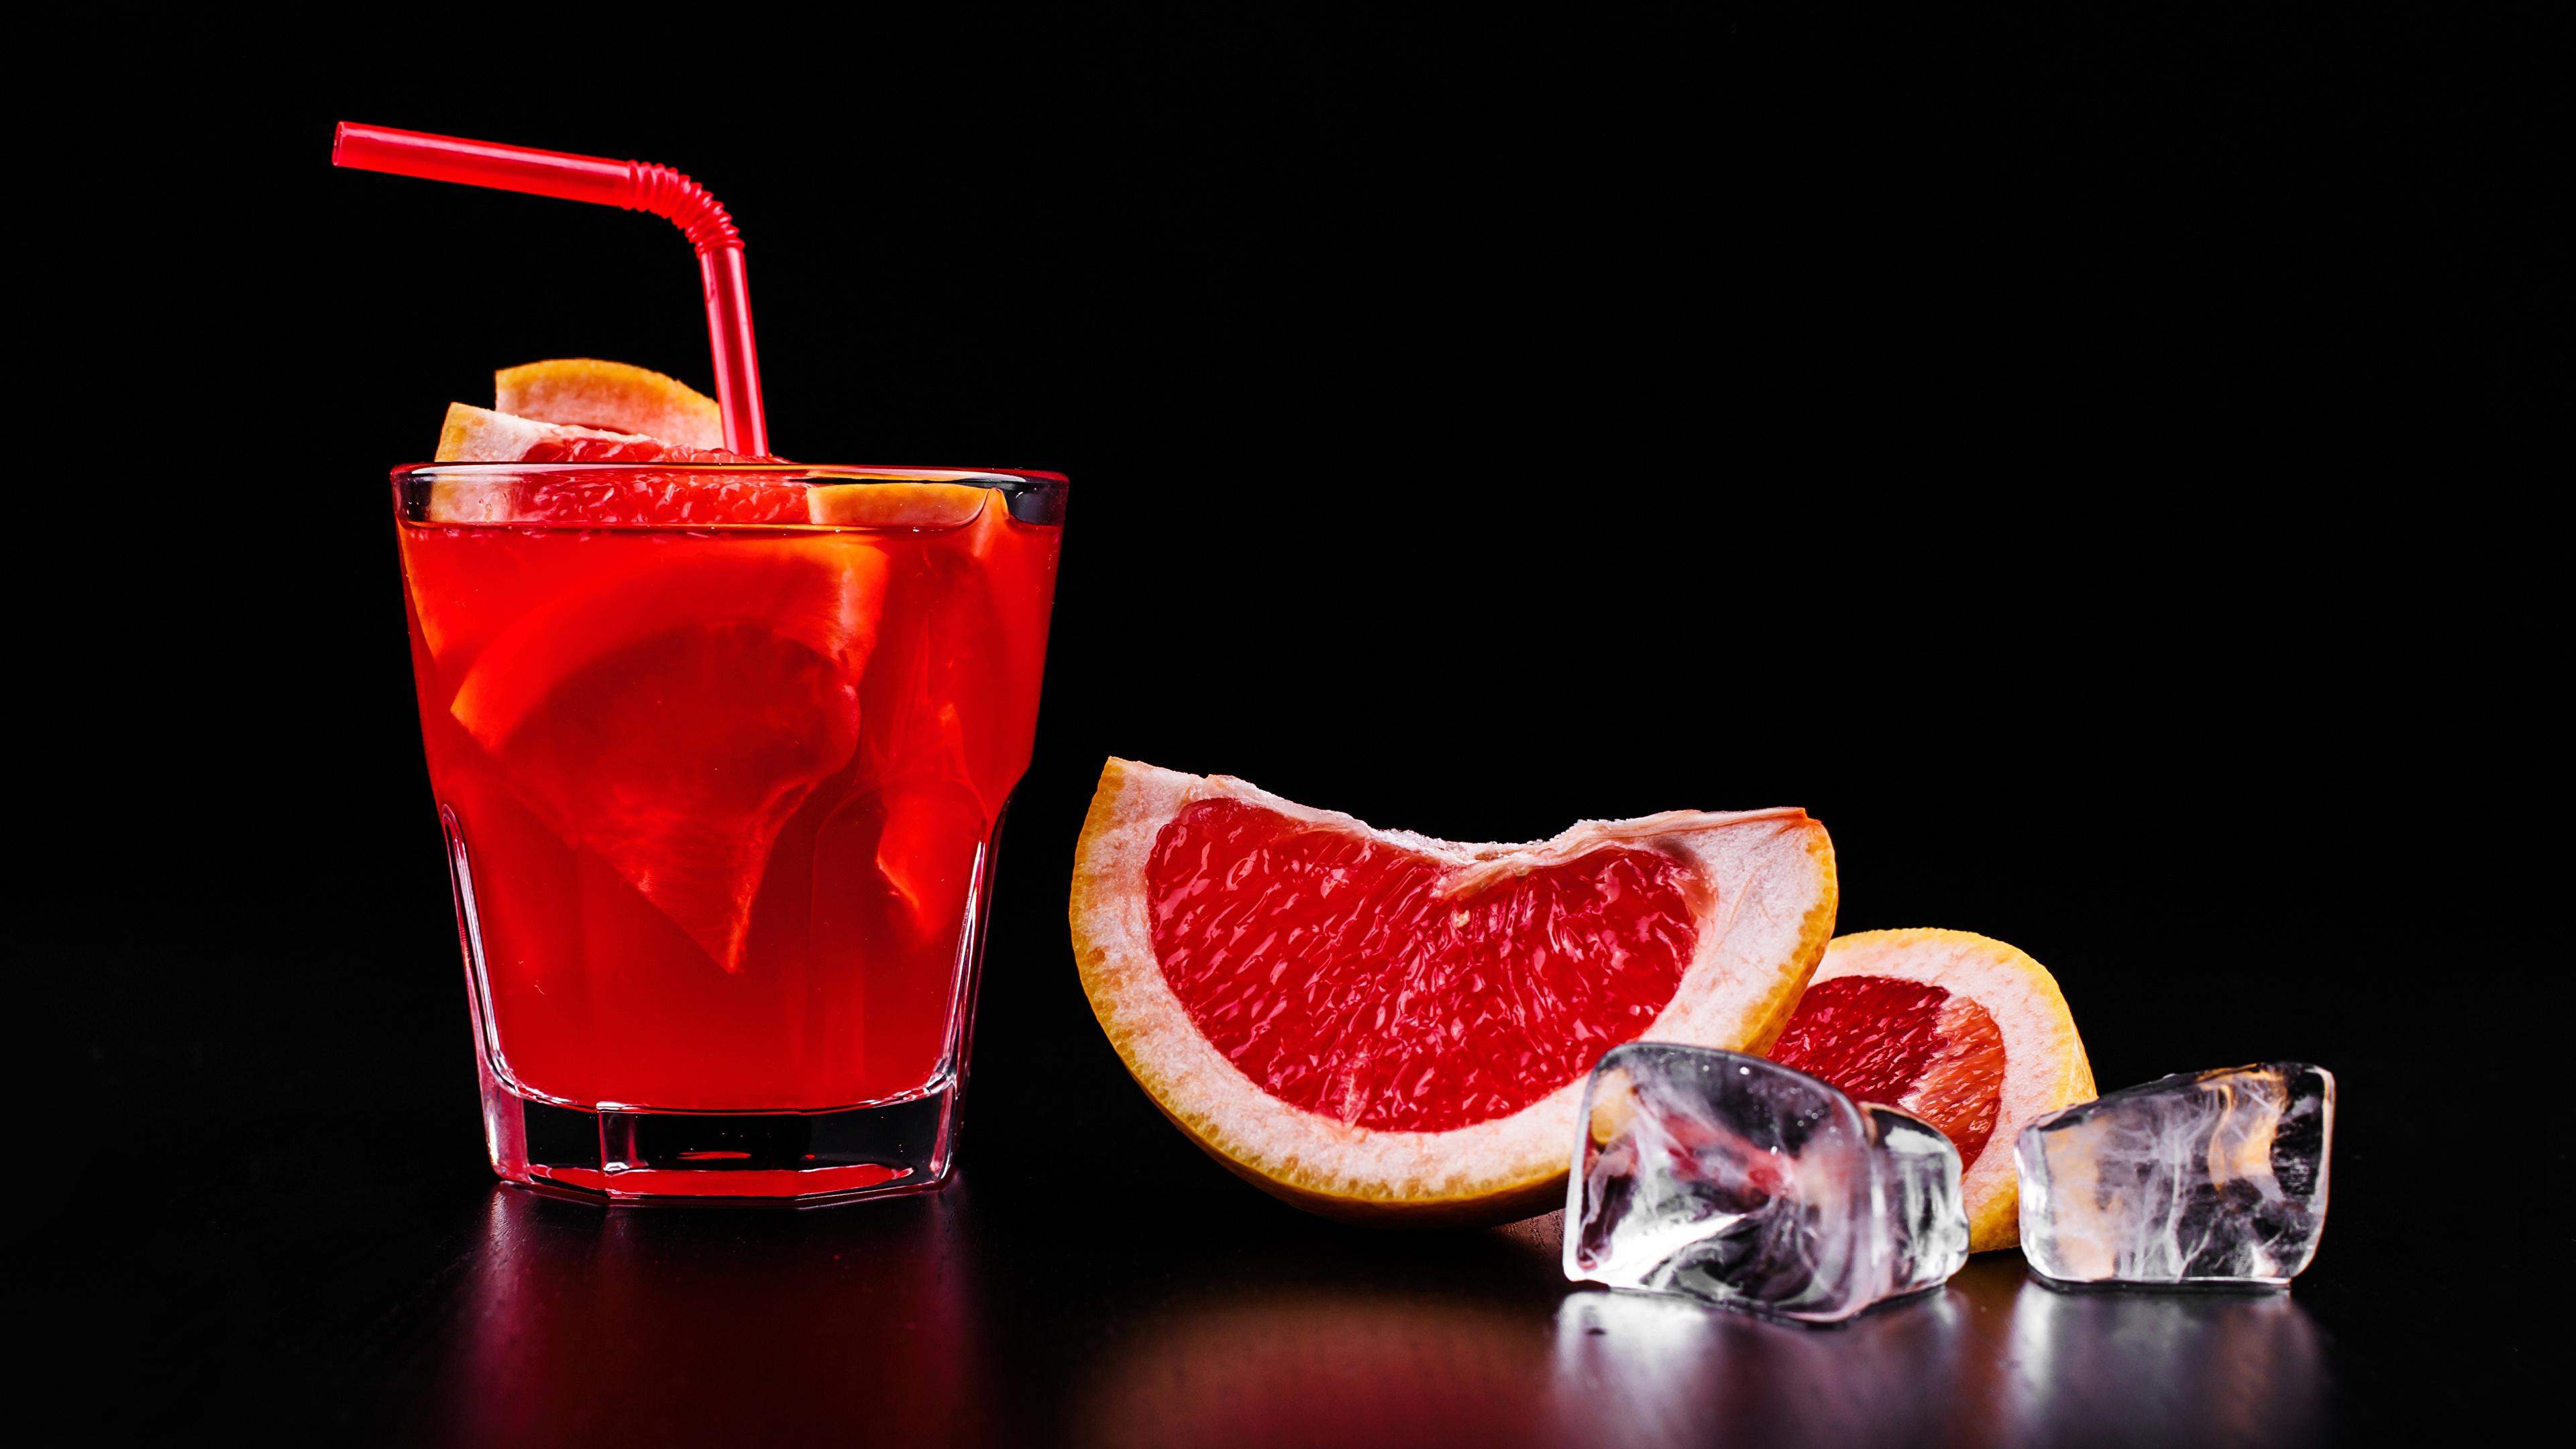 Фото Алкогольные напитки льда Грейпфрут Пища Рюмка Коктейль Черный фон 3840x2160 Лед Еда рюмки Продукты питания на черном фоне